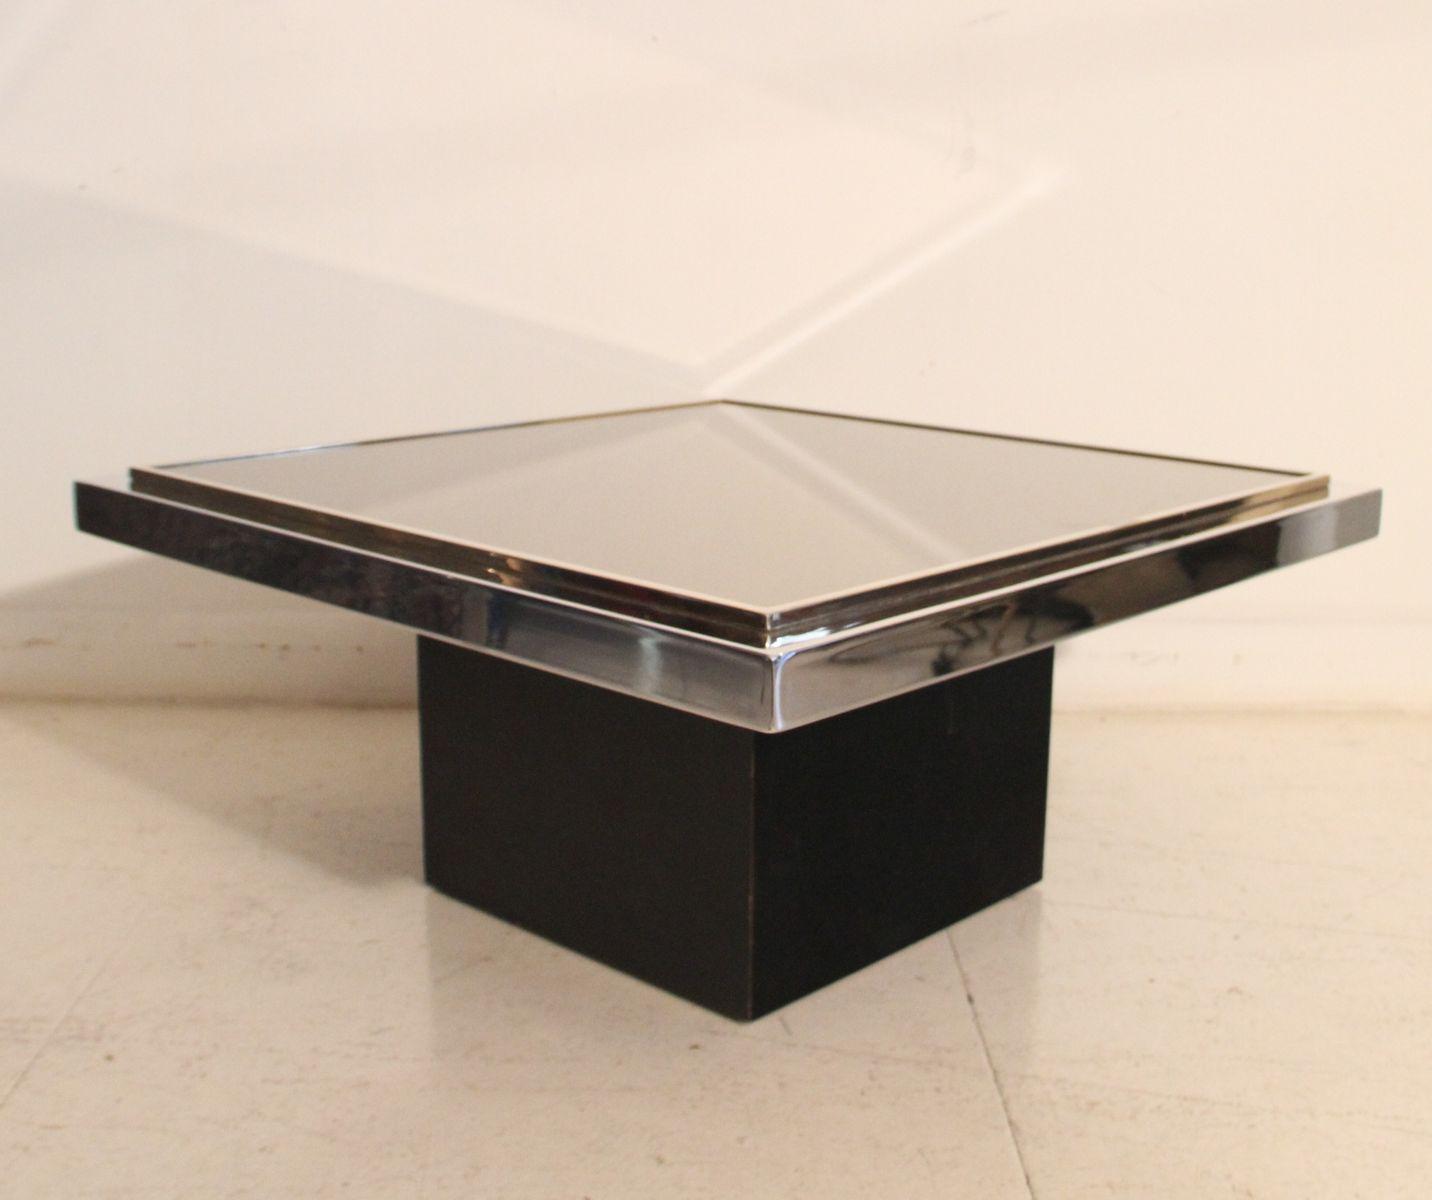 vergoldeter verspiegelter und verchromter vintage. Black Bedroom Furniture Sets. Home Design Ideas